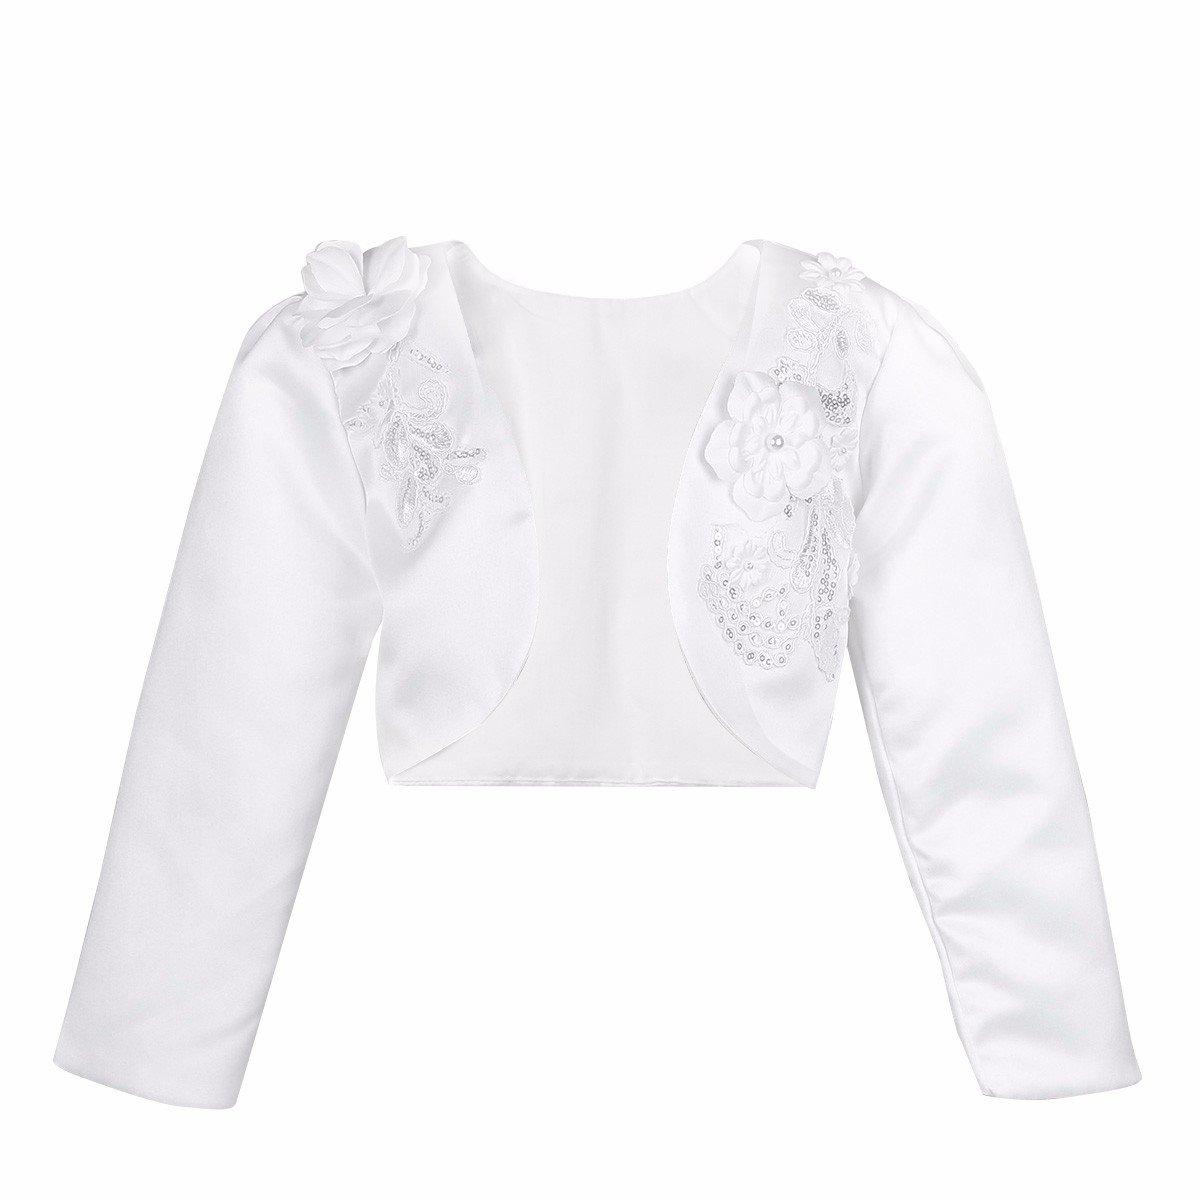 FEESHOW White Kids Girls Long Sleeves Bolero Jacket Shrug Short Cardigan Sweater Dress Cover Up White 7-8